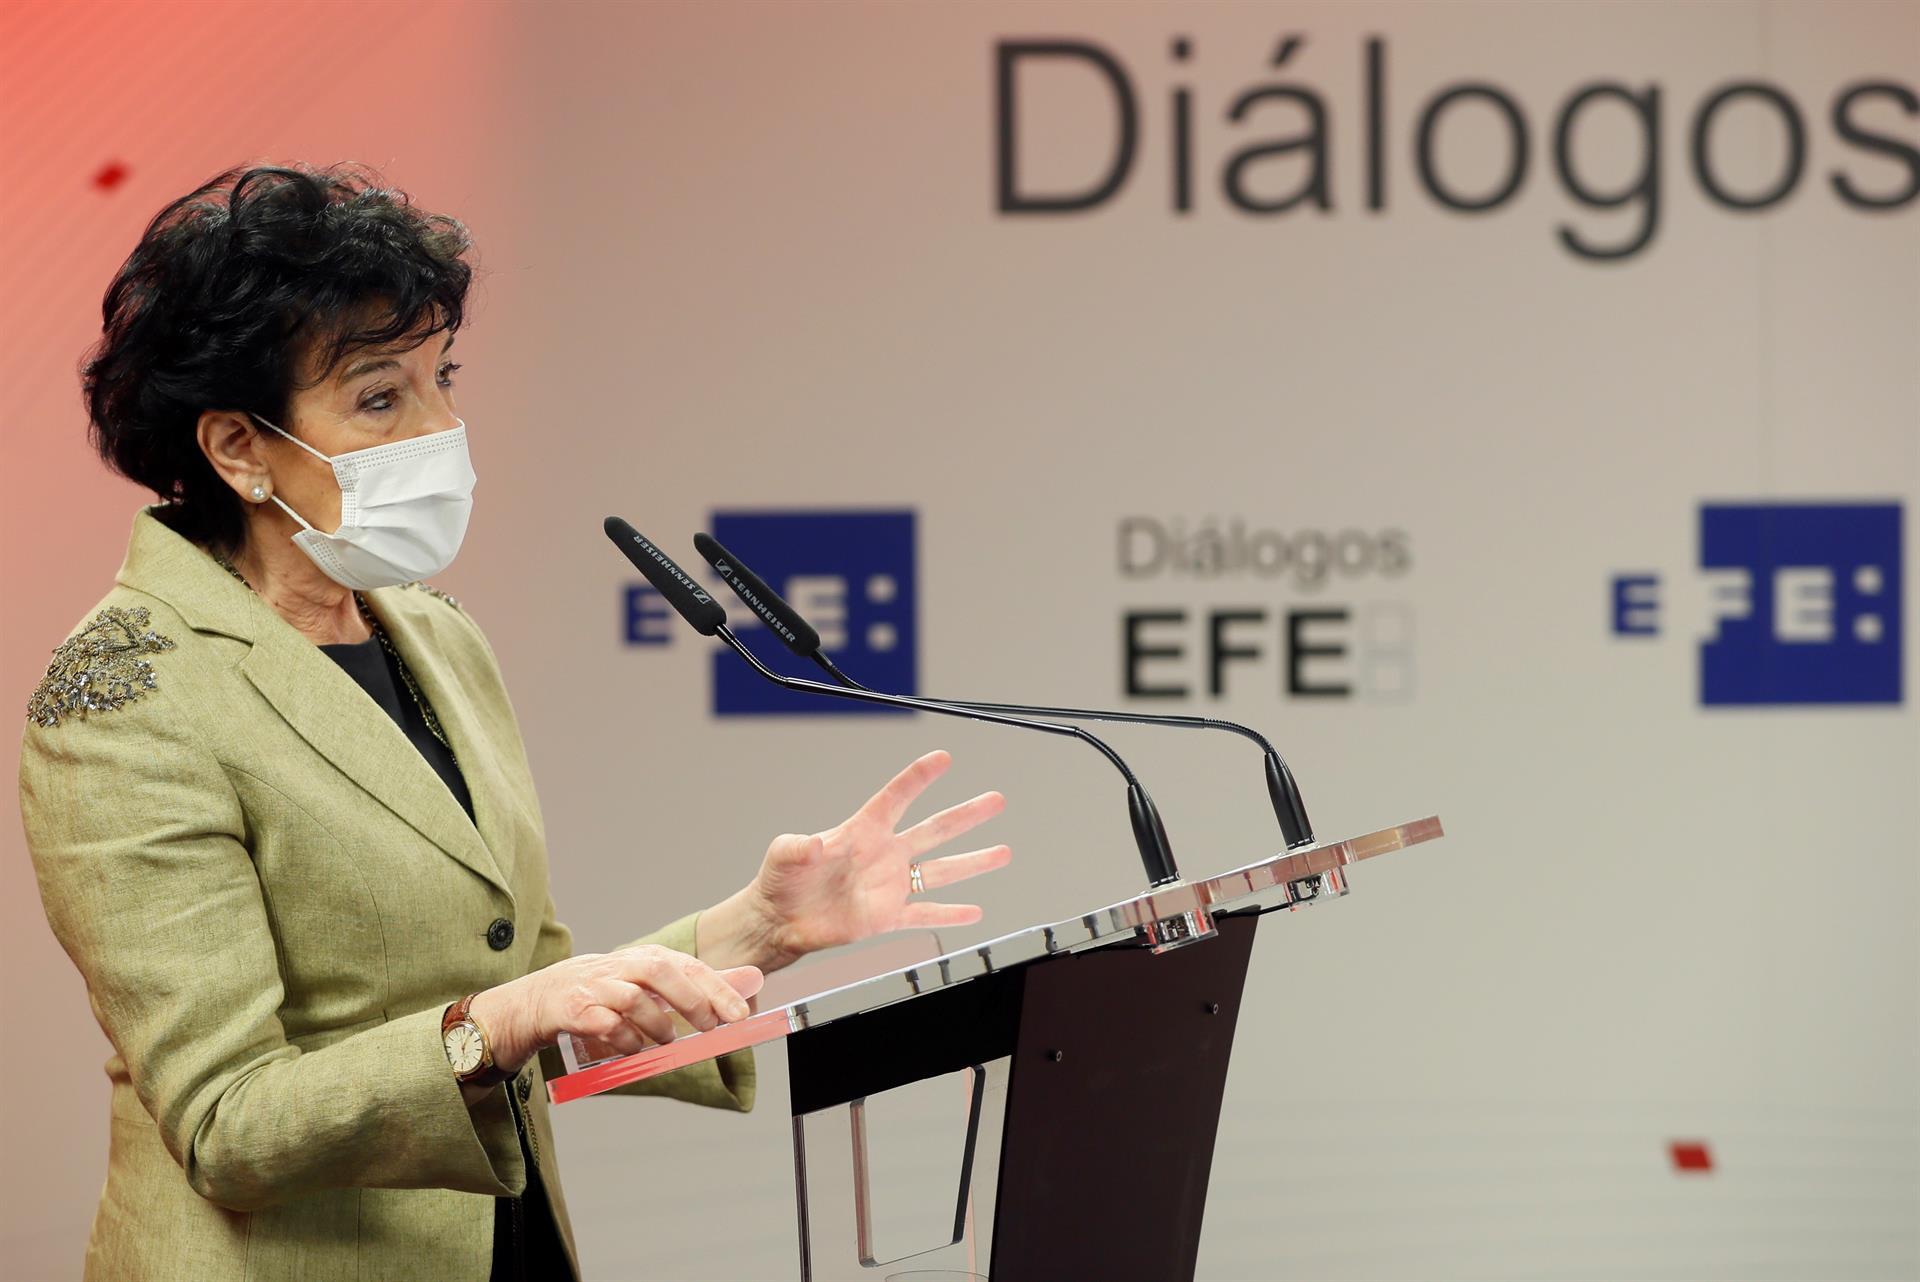 La ministra de Educación y Formación Profesional, Isabel Celaá durante su intervención en el foro 'Educación y transformación digital: la ecuación de futuro'. EFE/Mariscal